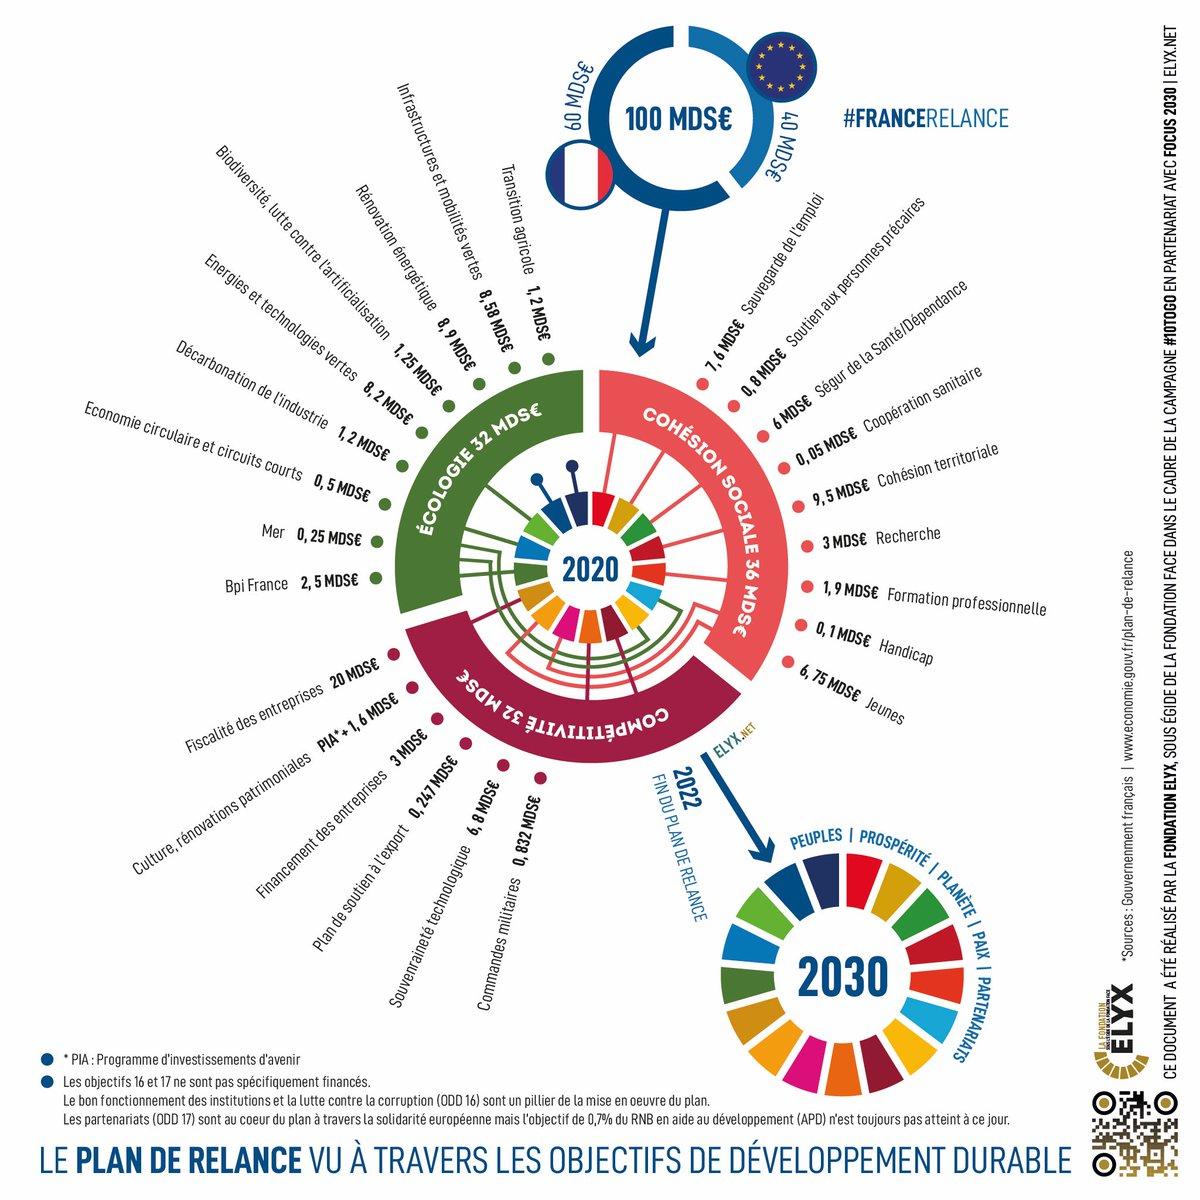 #FranceRelance : un plan compatible avec les #ODD ?  A 10 ans de l'échéance, ne passons pas à côté de cette boussole qui, avec son approche systémique et transversale, n'a jamais été autant d'actualité dans cette crise systémique. #10TOGO https://t.co/sLzhF5O3Il